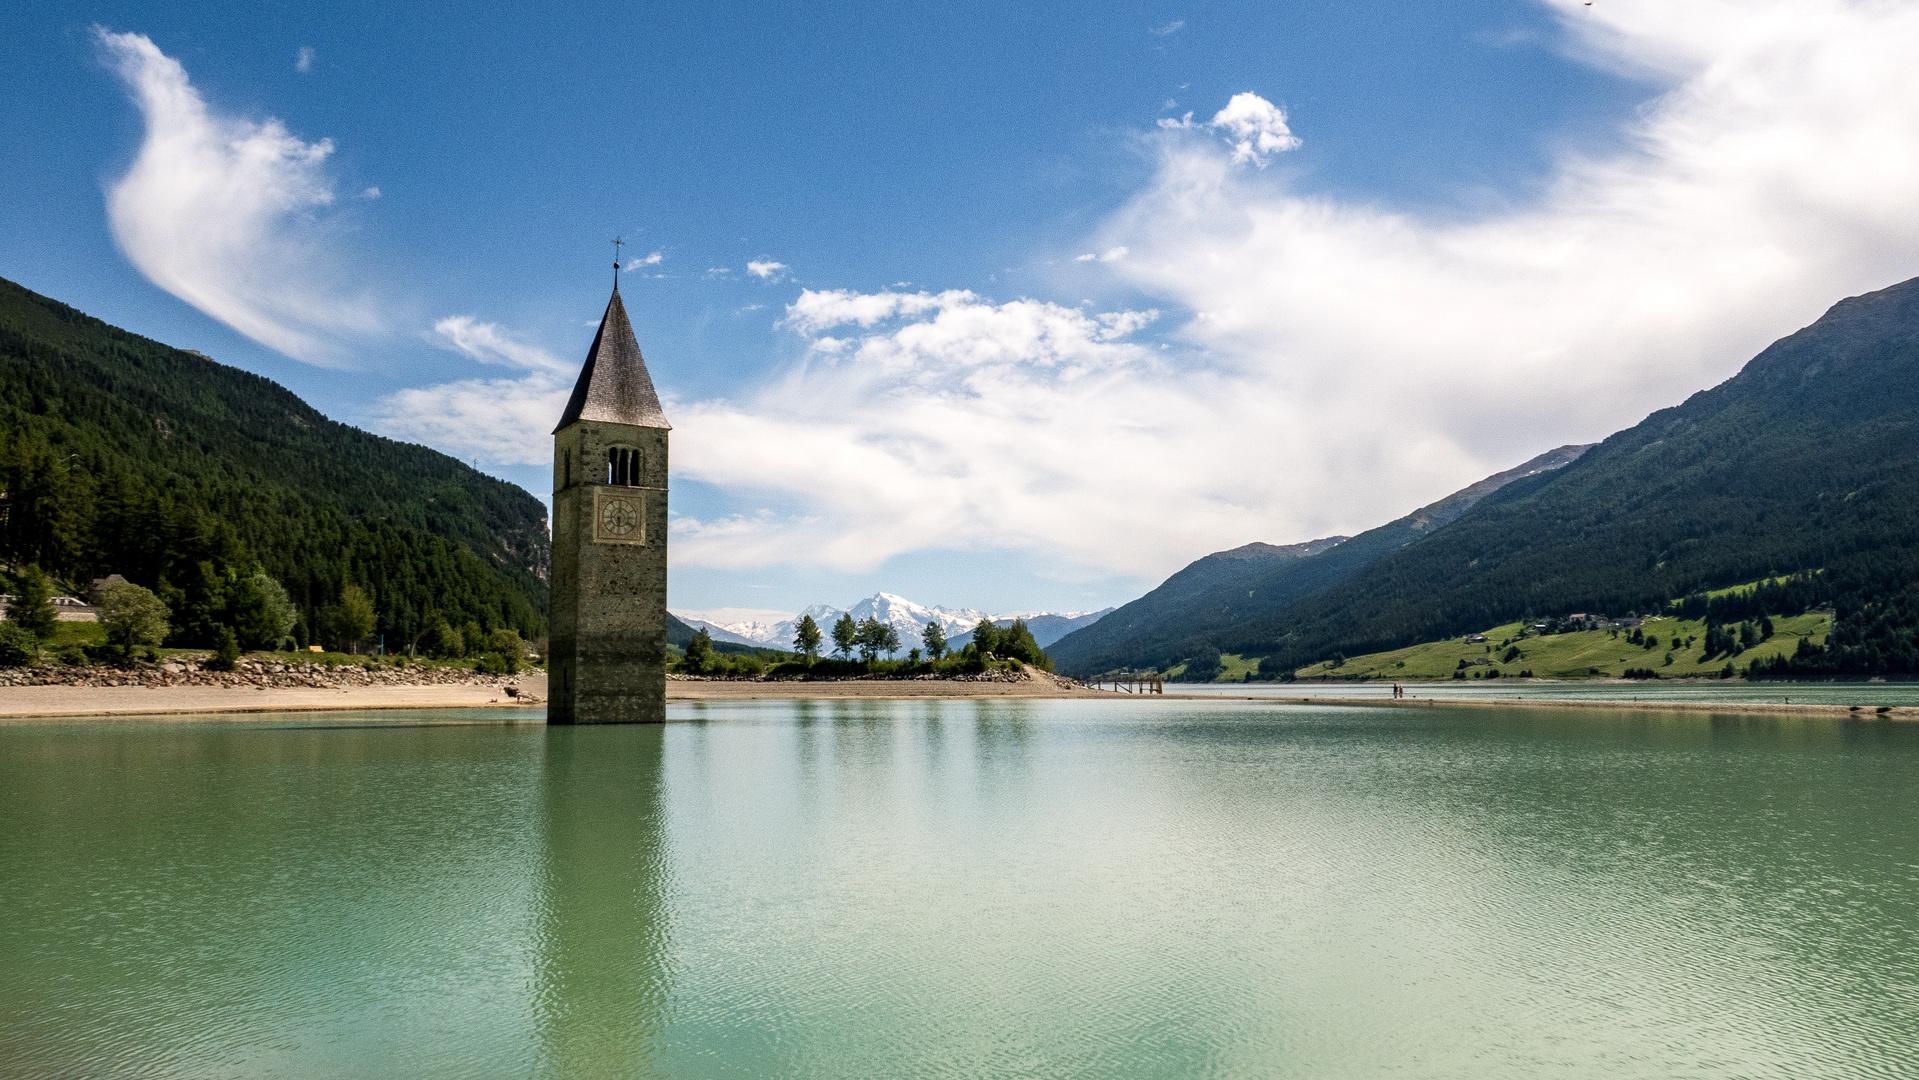 Reschensee mit Alt-Grauner Kirchturm